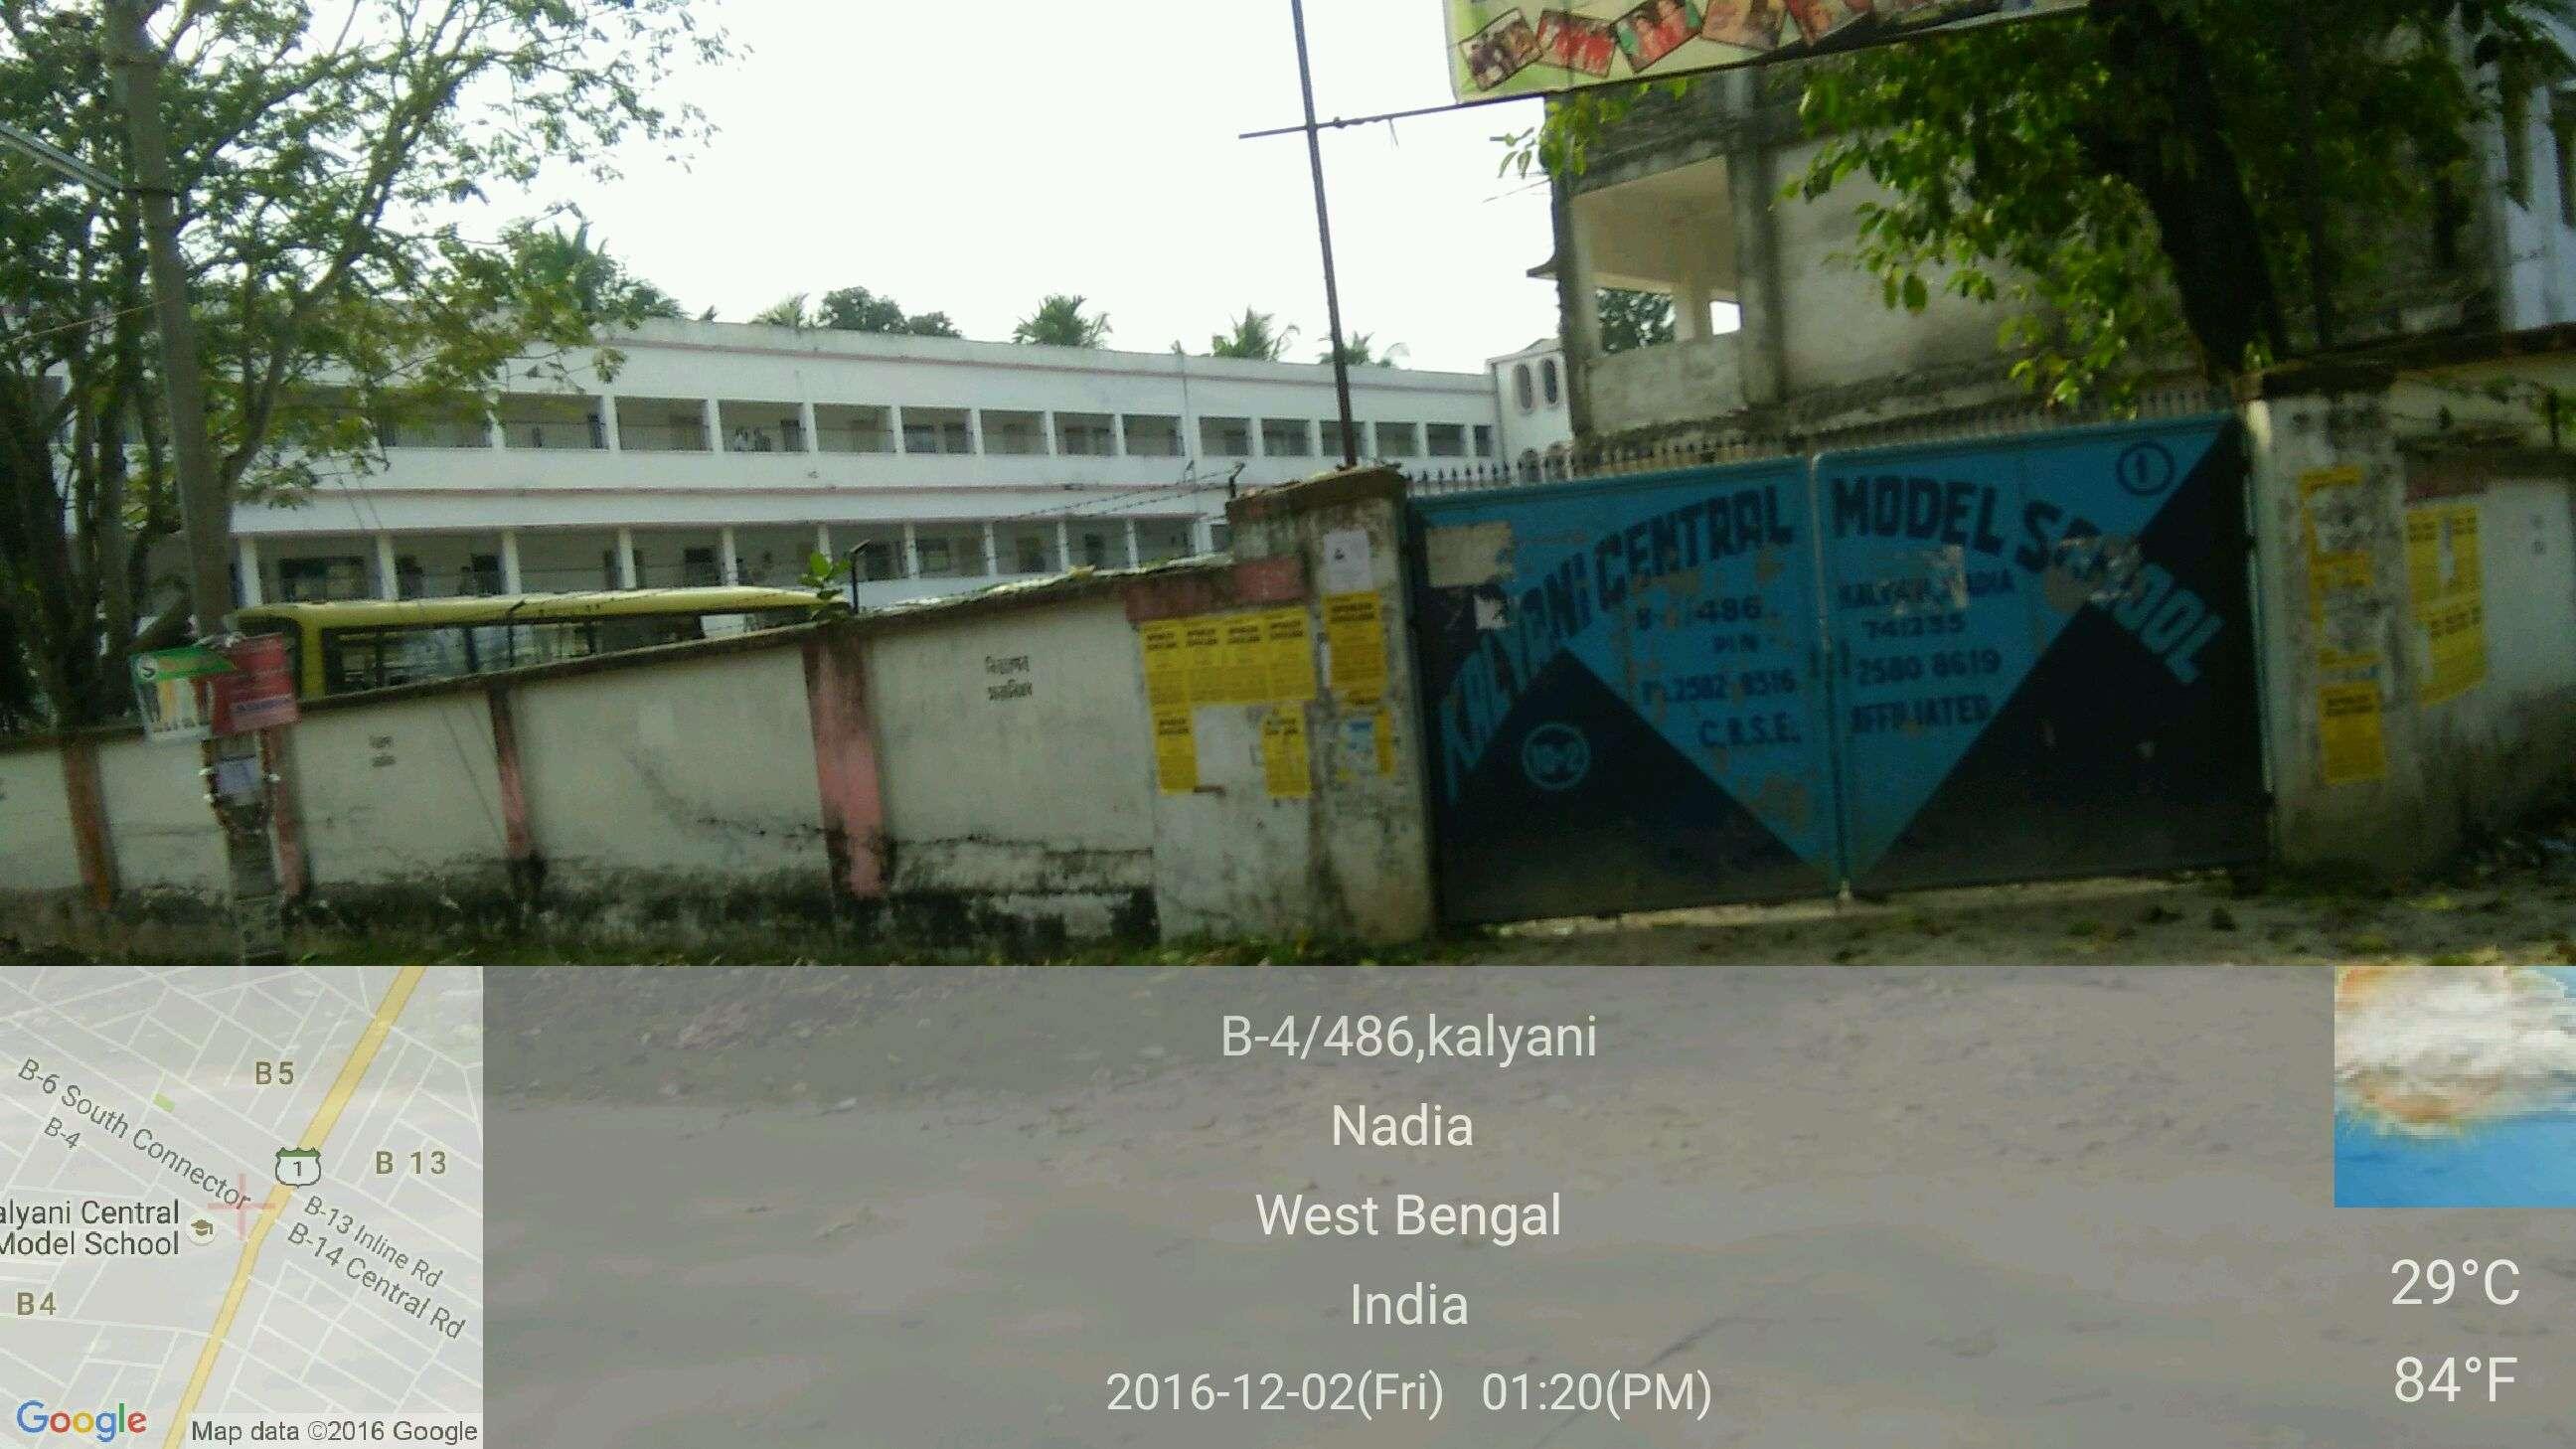 KALYANI CENTRAL MODEL SCHOOL KALYANI P 486 NADIA WEST BENGAL 2430008